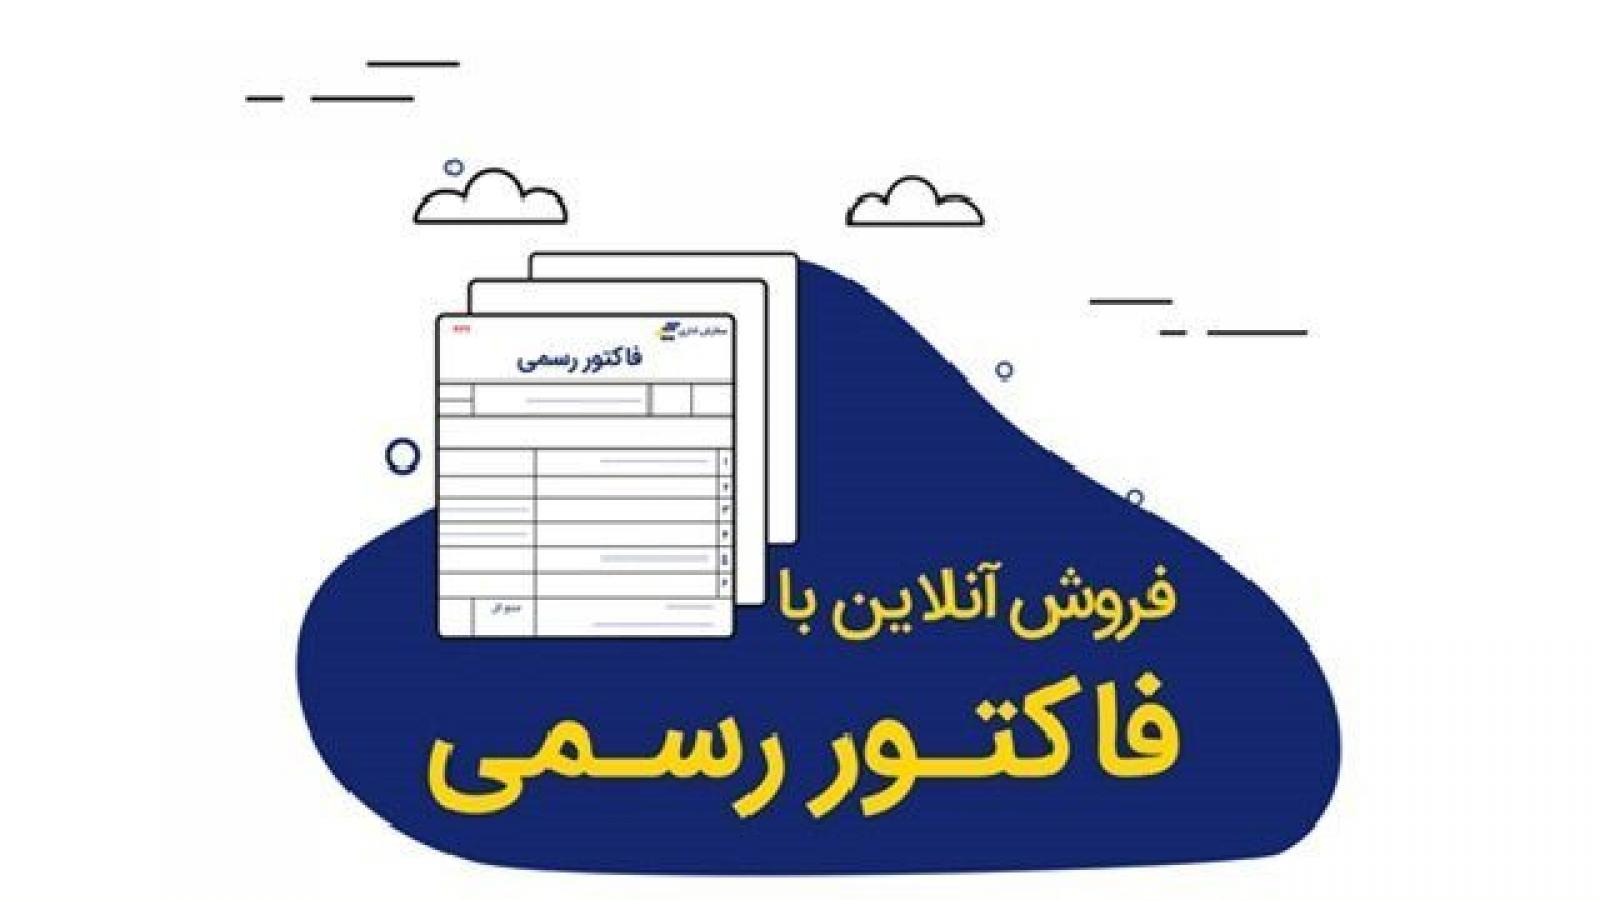 فروش آنلاین با فاکتور رسمی